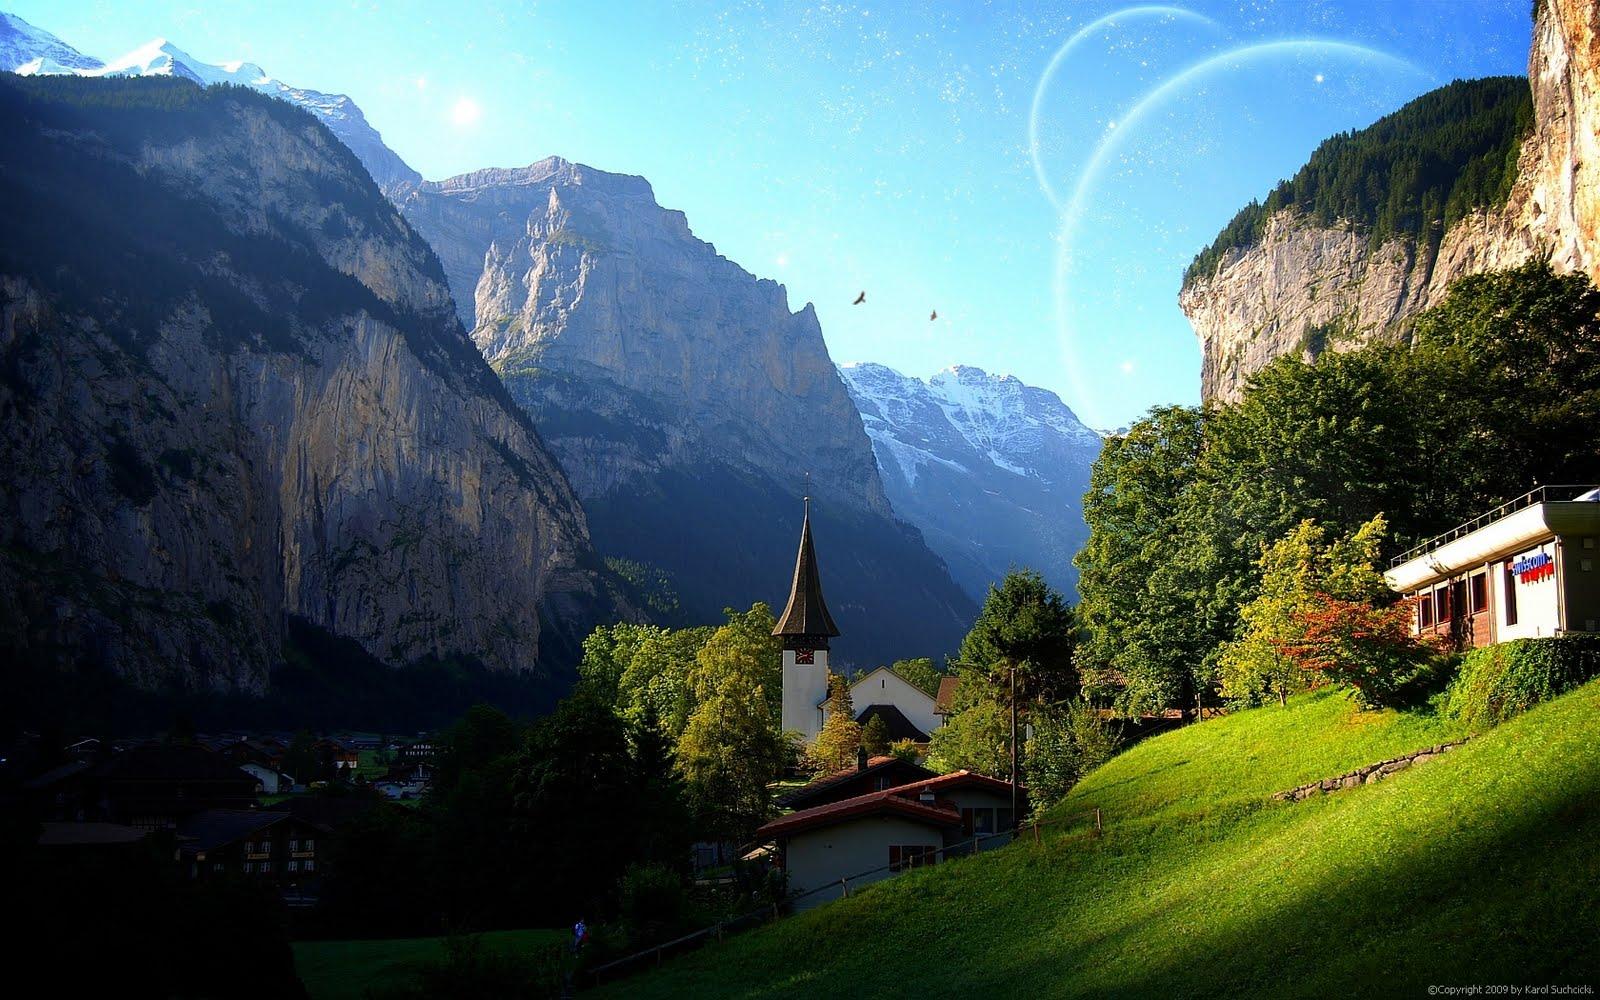 70 paisajes en hd para fondos de escritorio megapost for Imagenes para fondo de escritorio 3d